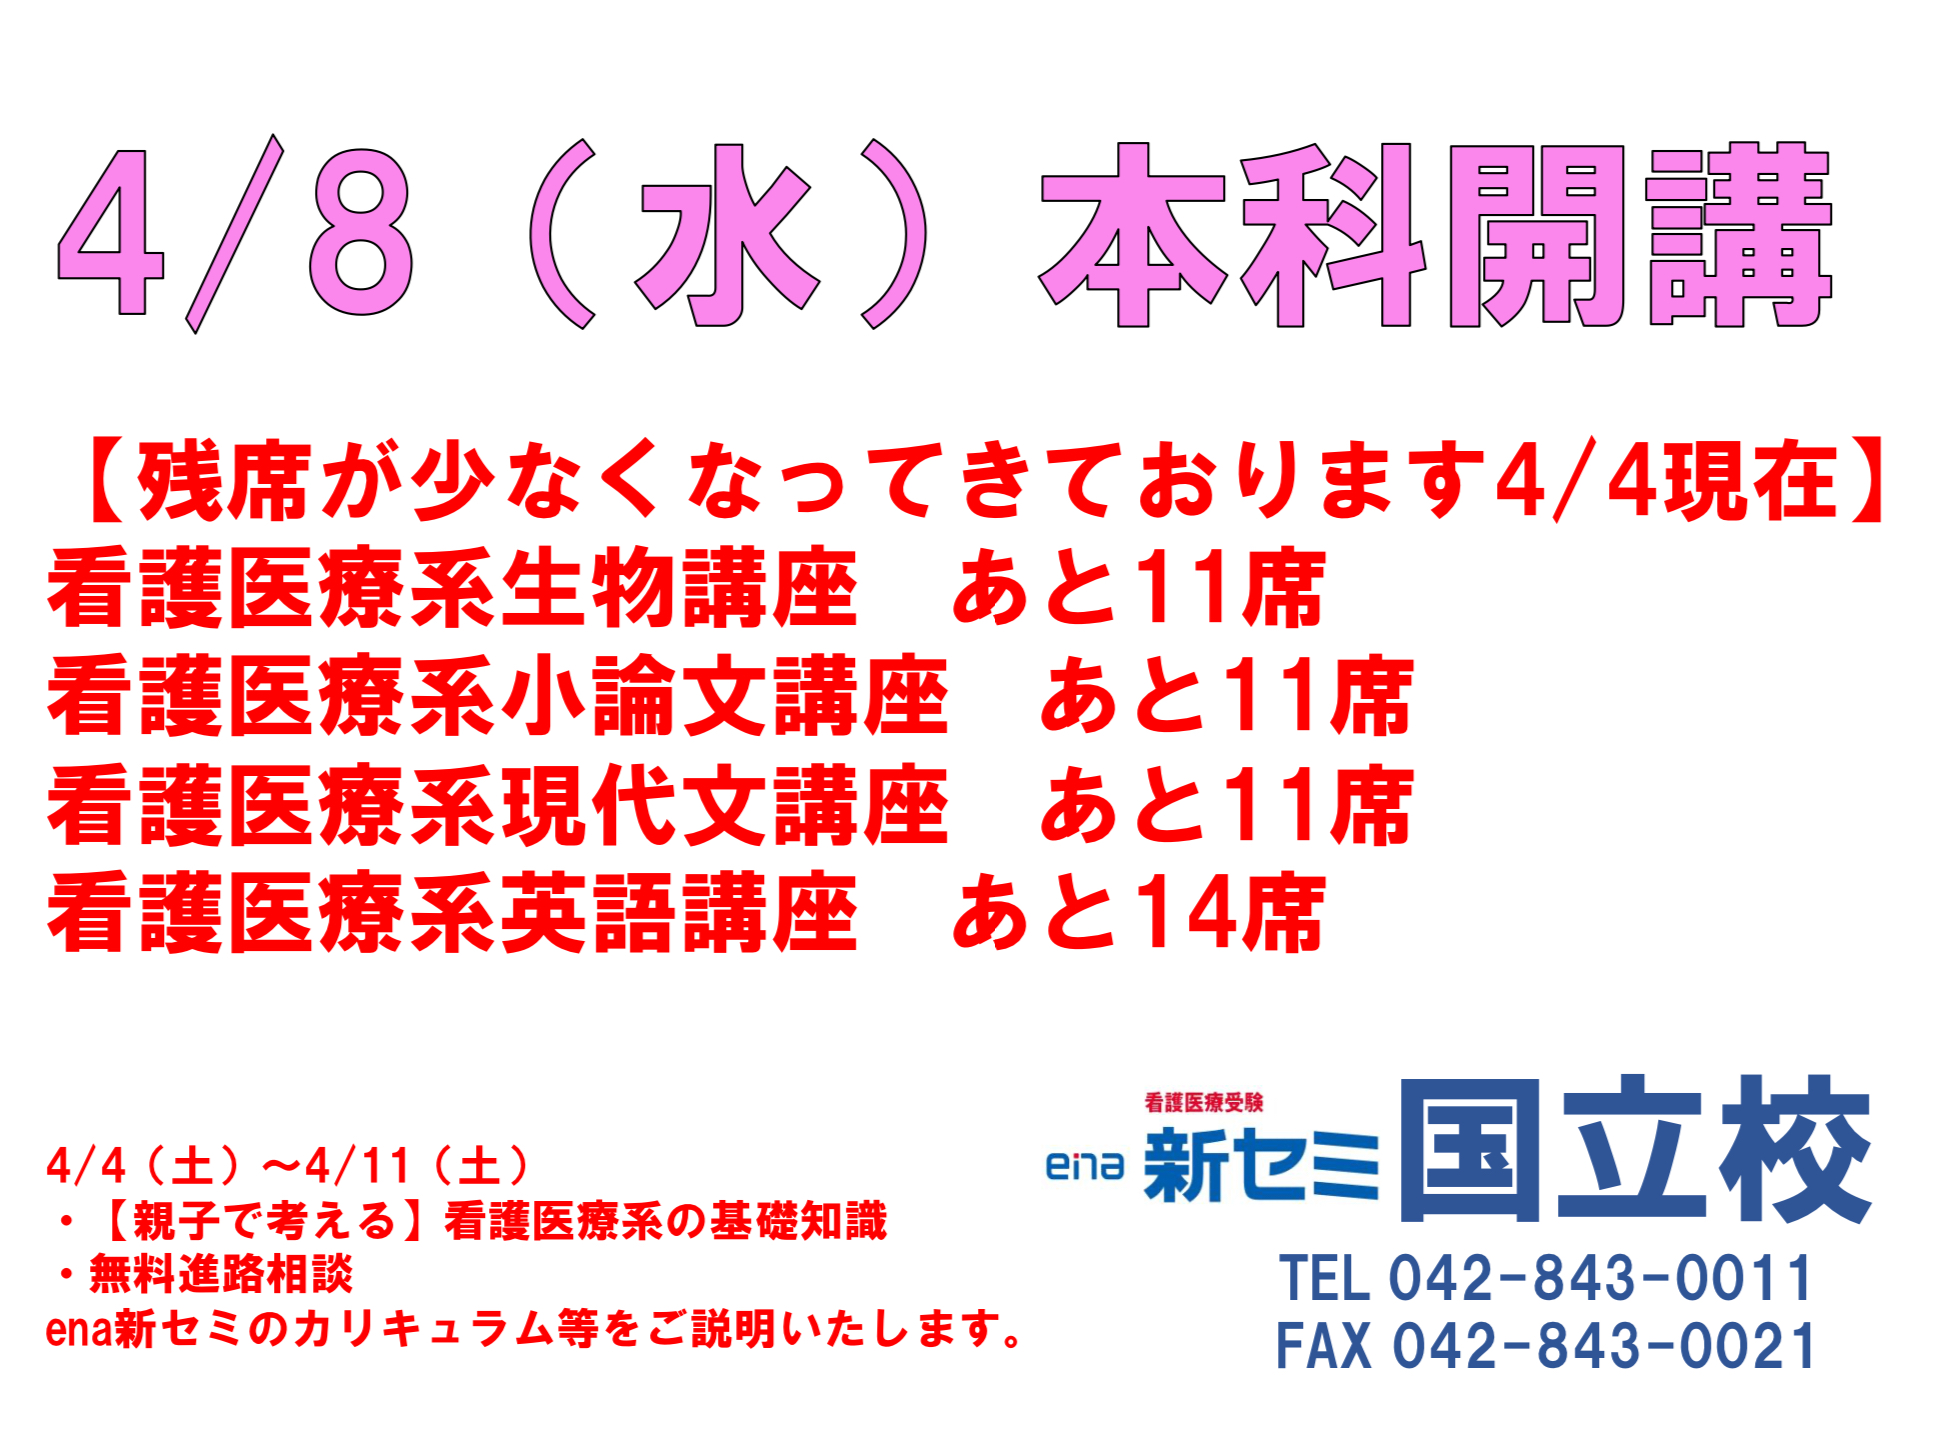 20200404_053850000_iOS